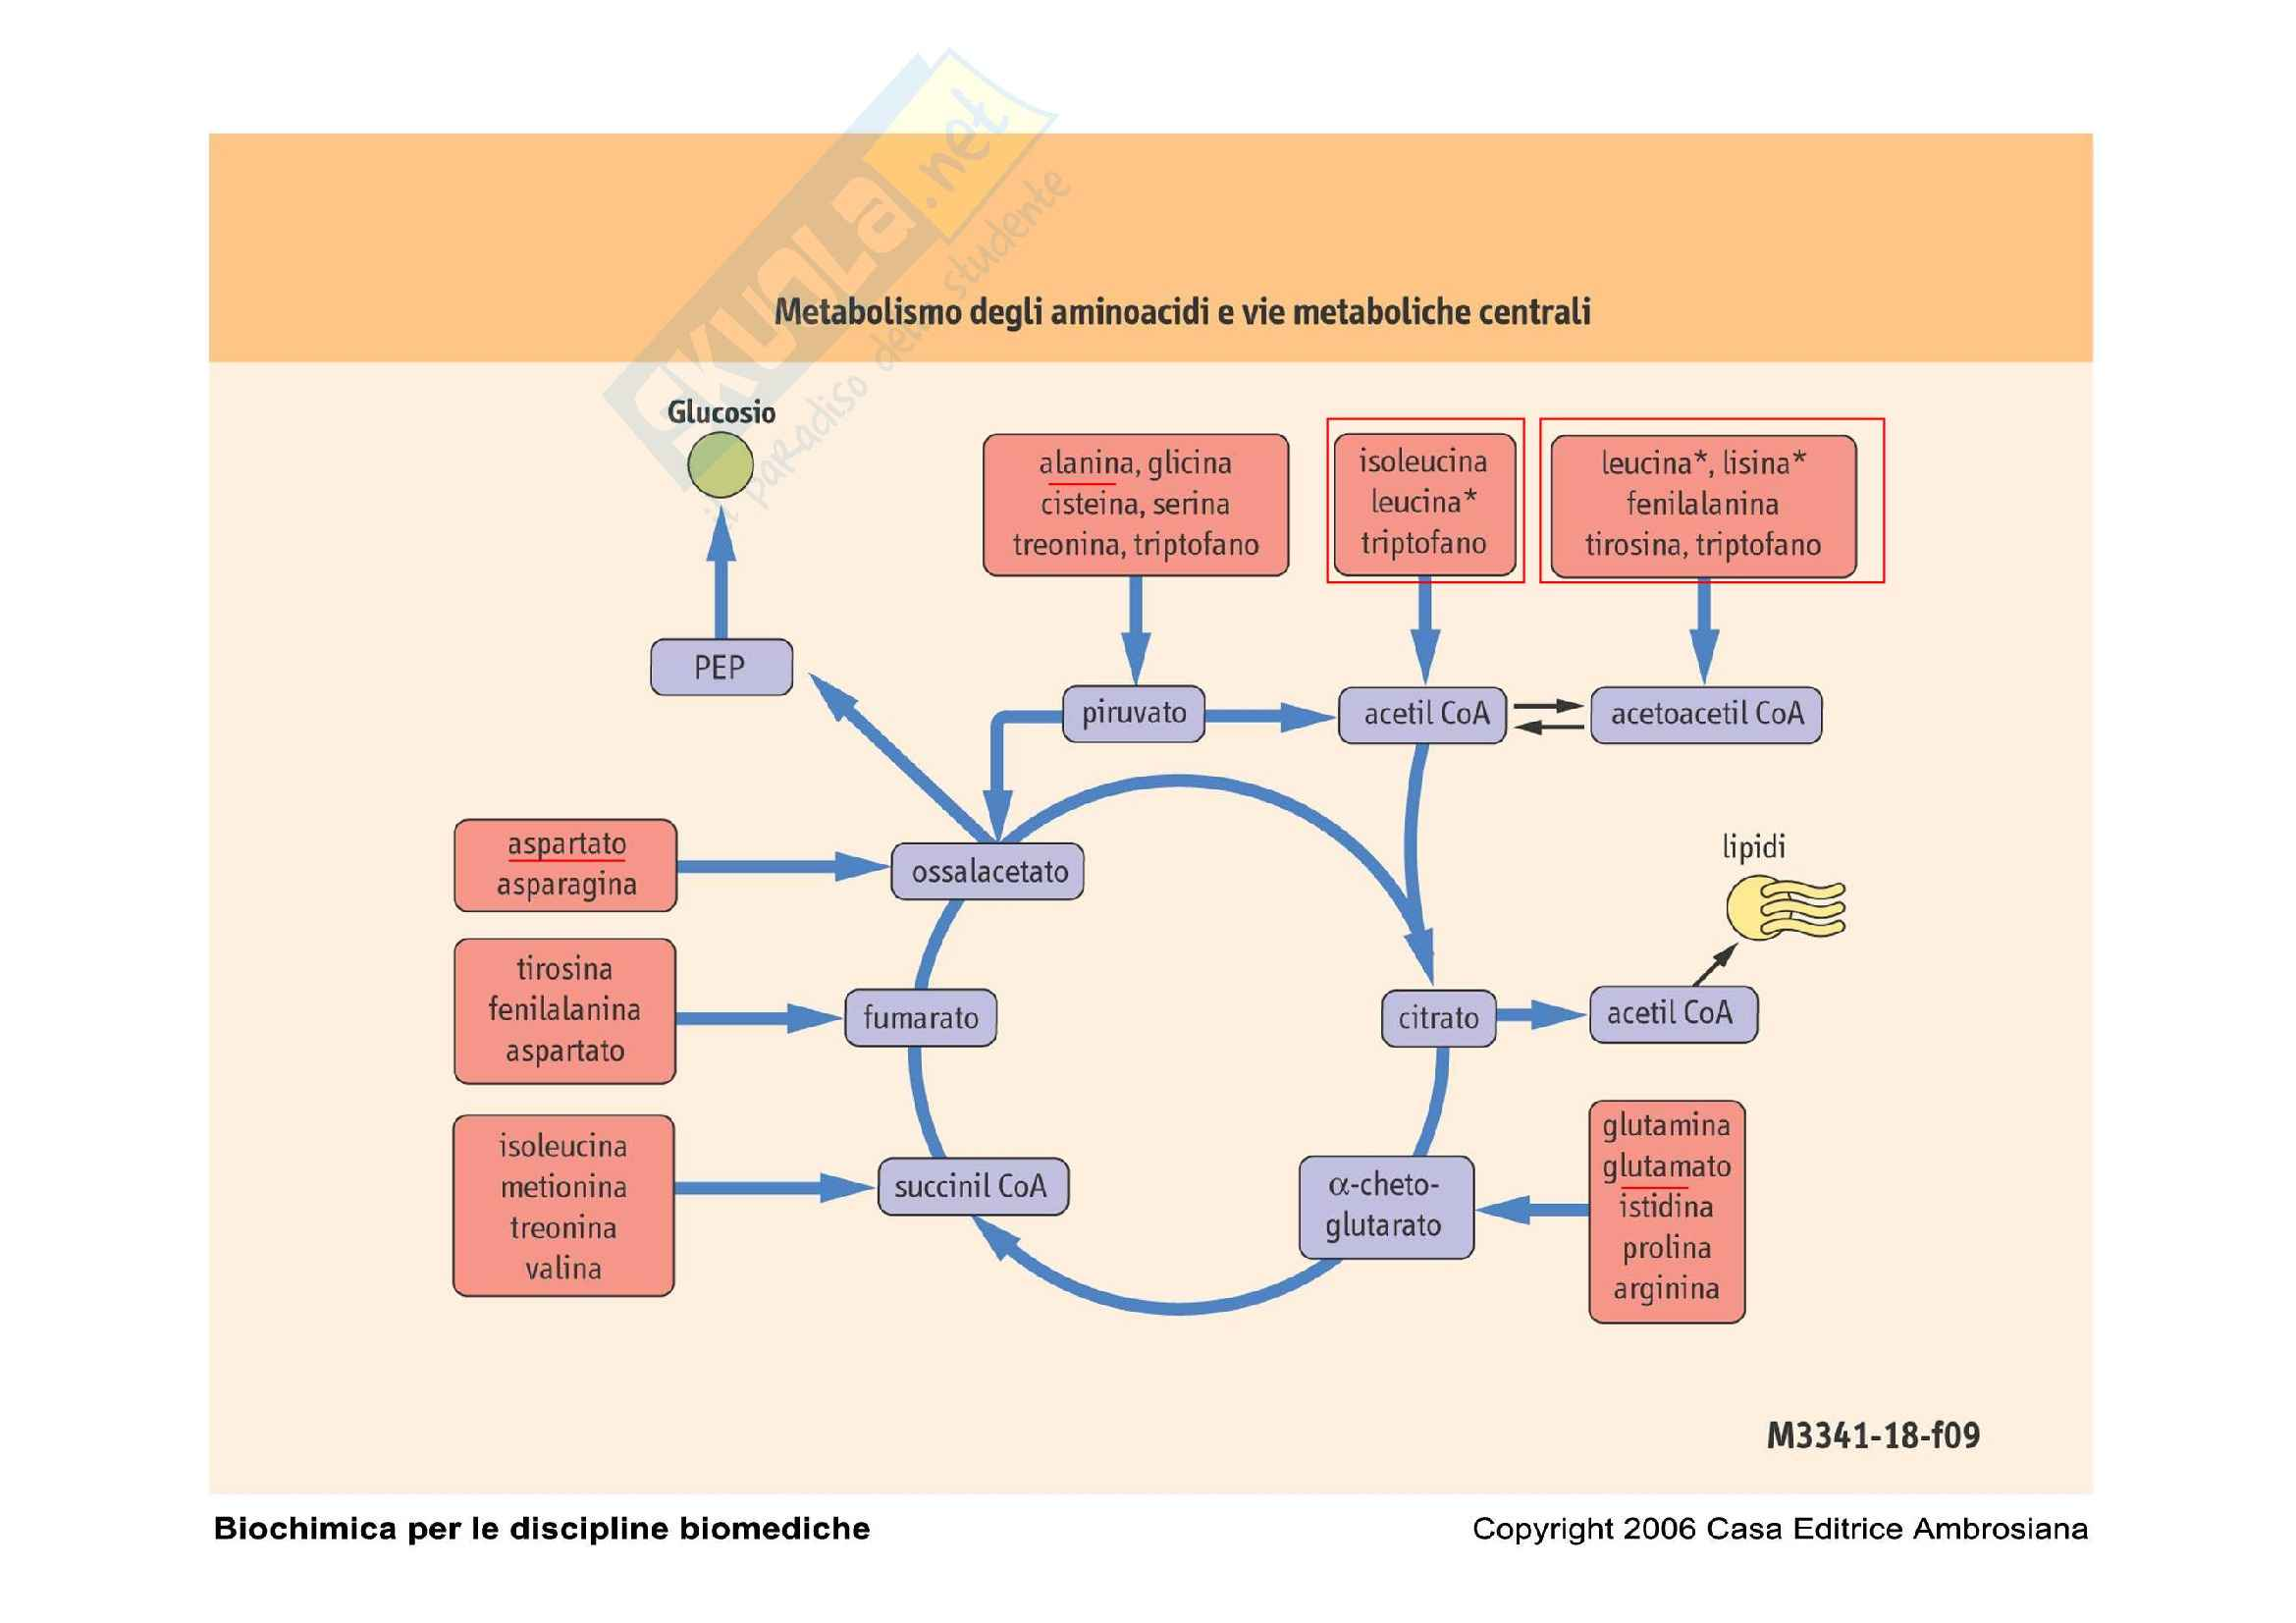 Biochimica e biologia molecolare - metabolismo degli amminoacidi Pag. 2